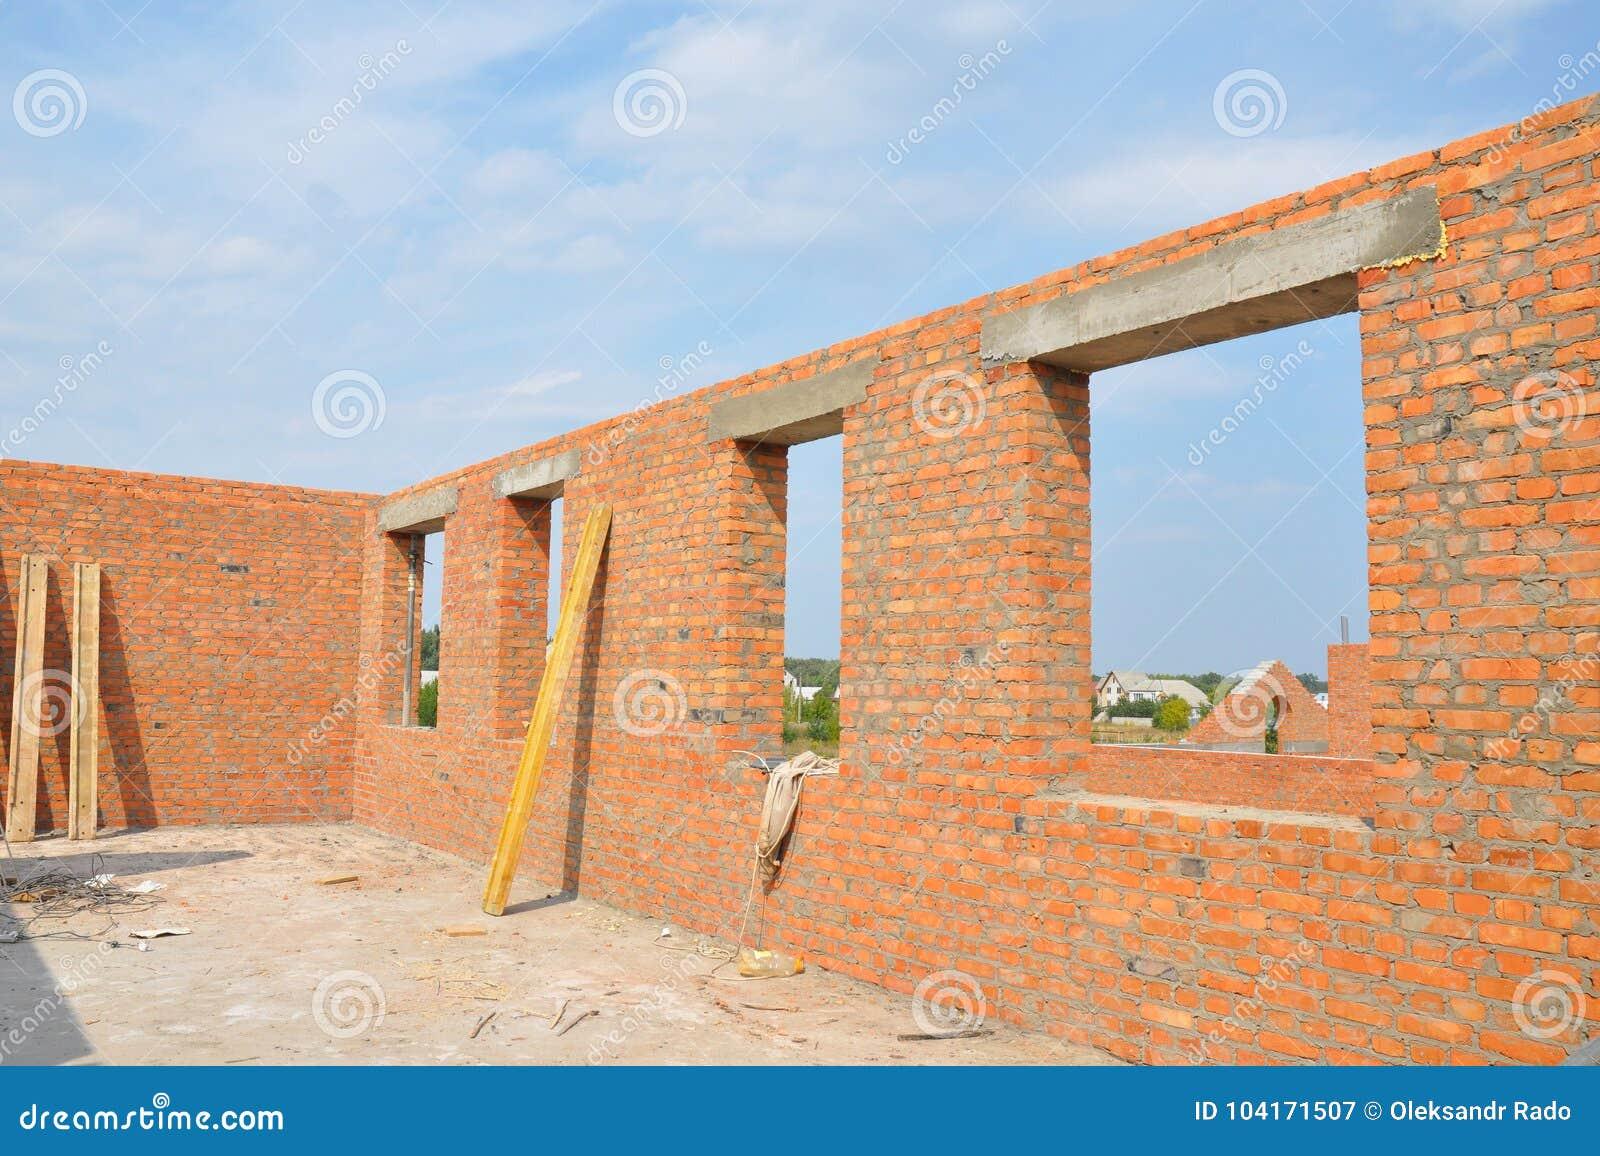 Pared Inacabada De La Casa Del Ladrillo Rojo Bajo Construcción Sin ...